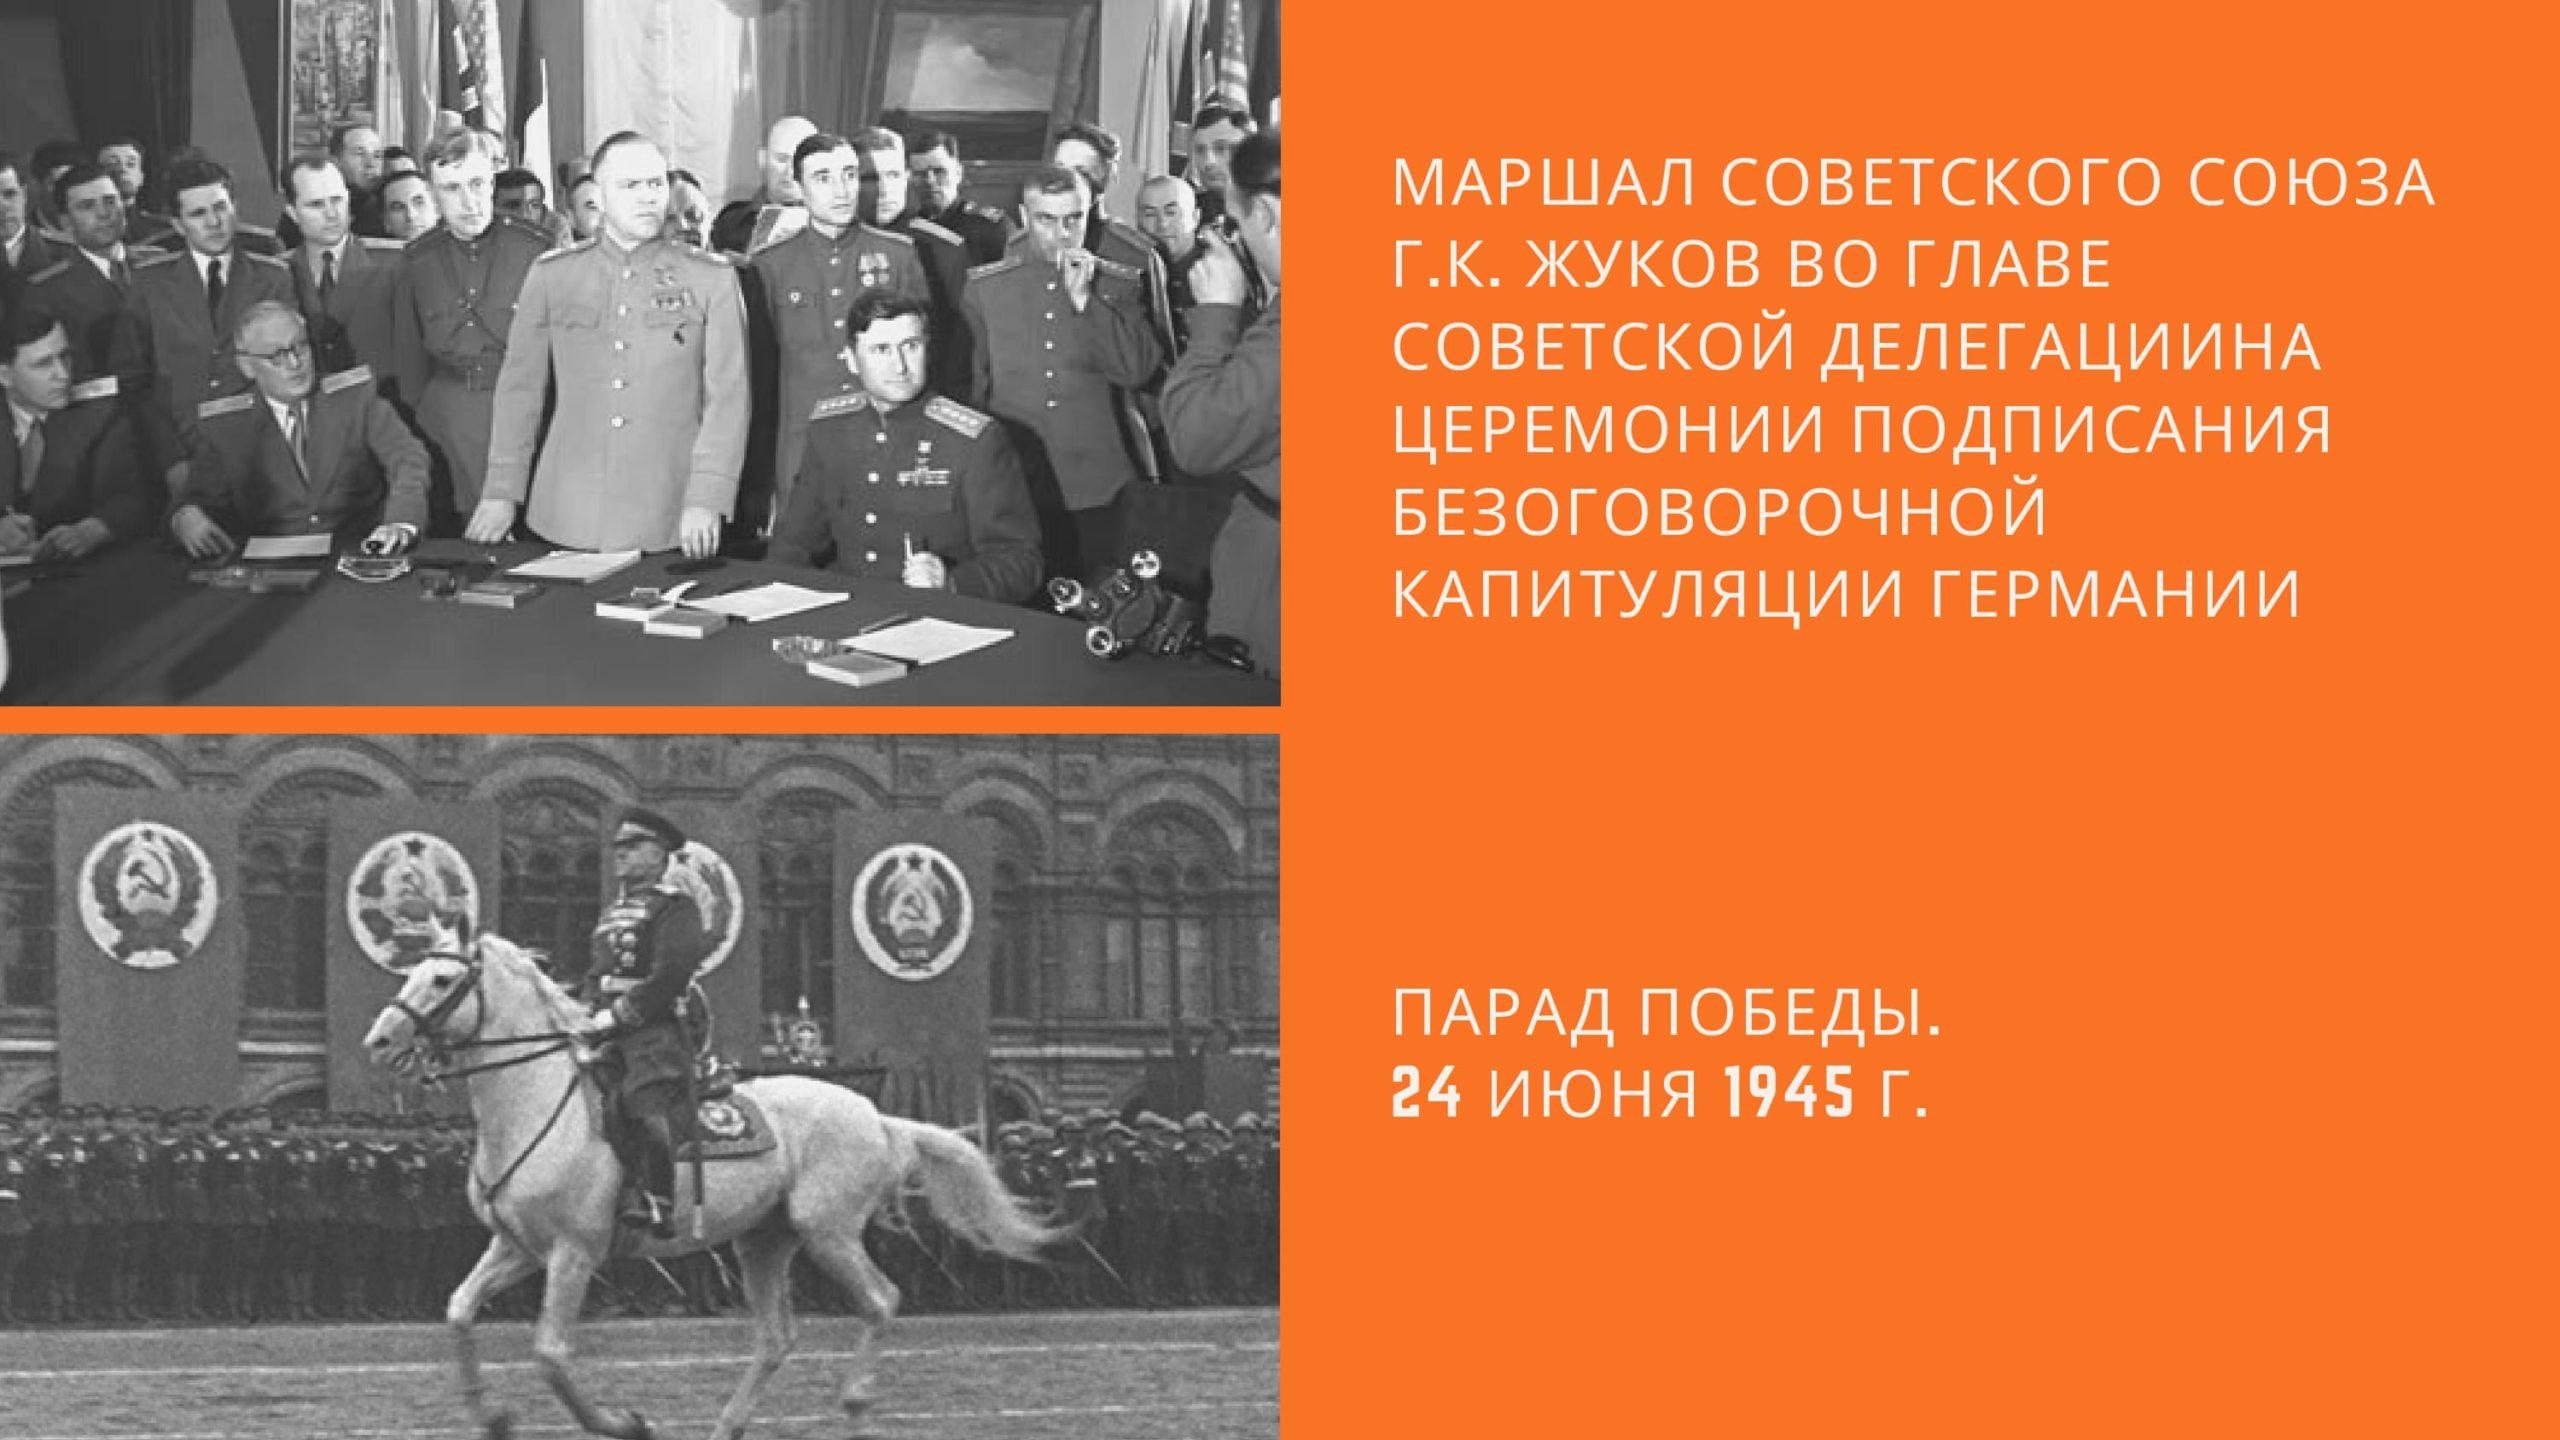 Маршал Советского Союза Георгий Константинович Жуков во главе Советской делегации